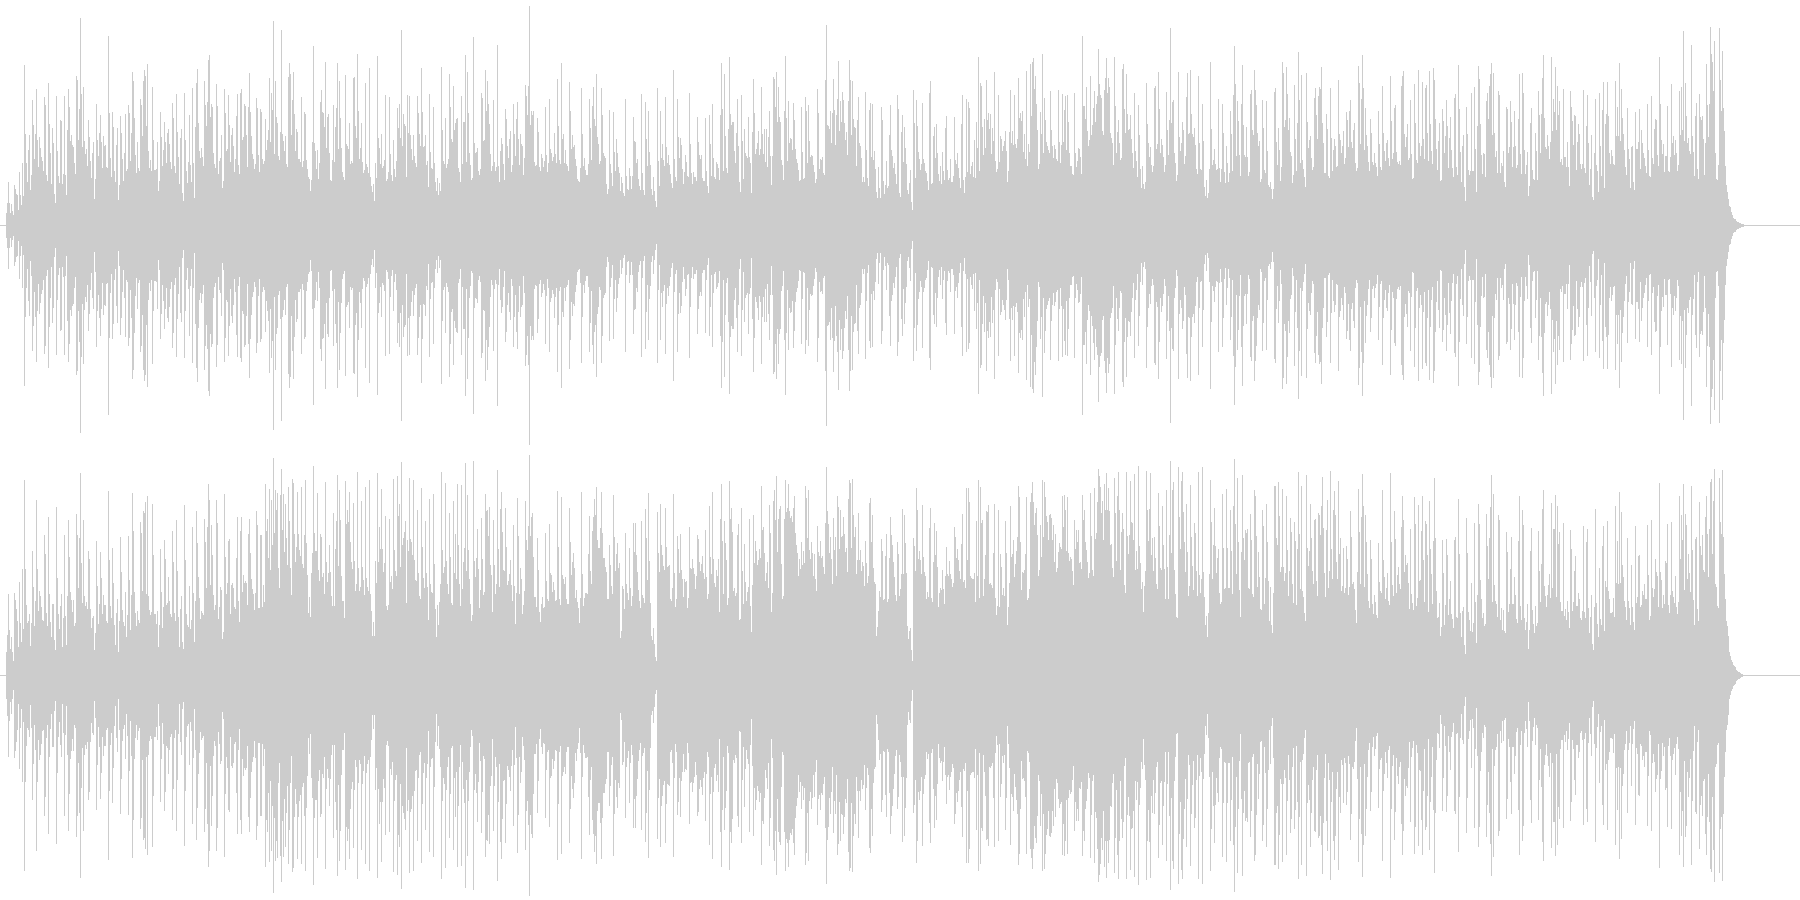 ブラックミュージックテイストのポップスの未再生の波形